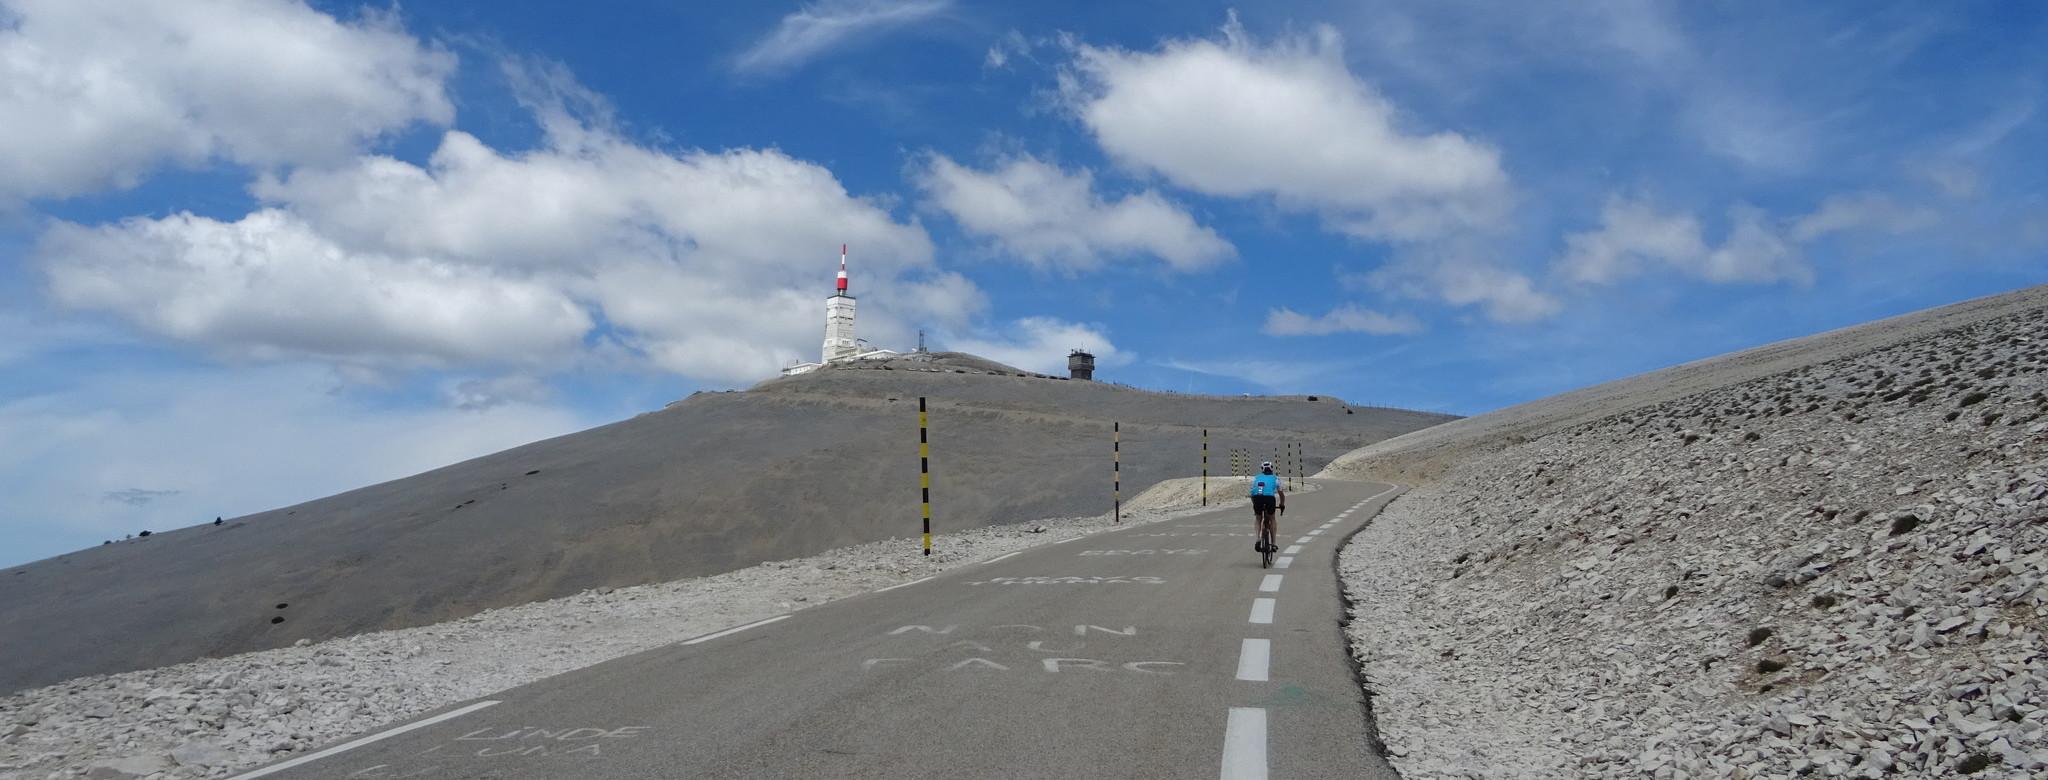 Bezwinge den Mont Ventoux!